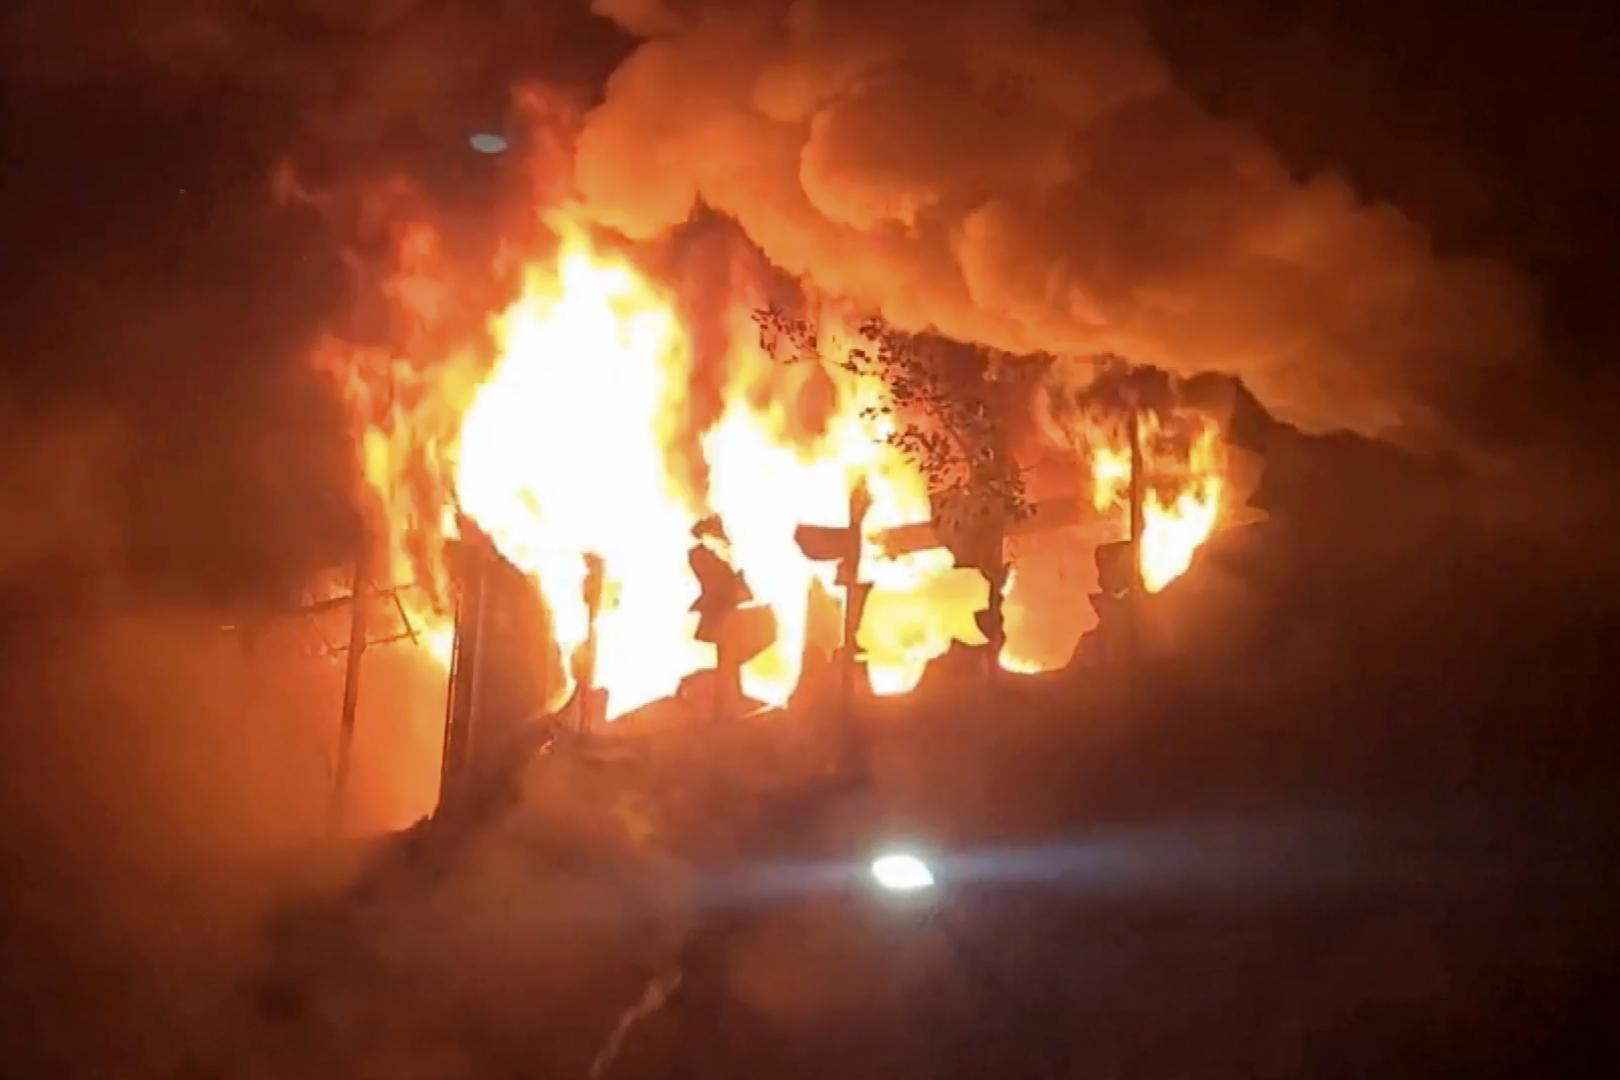 مقتل 25 شخصا وإصابة العشرات في حريق بجنوب تايوان